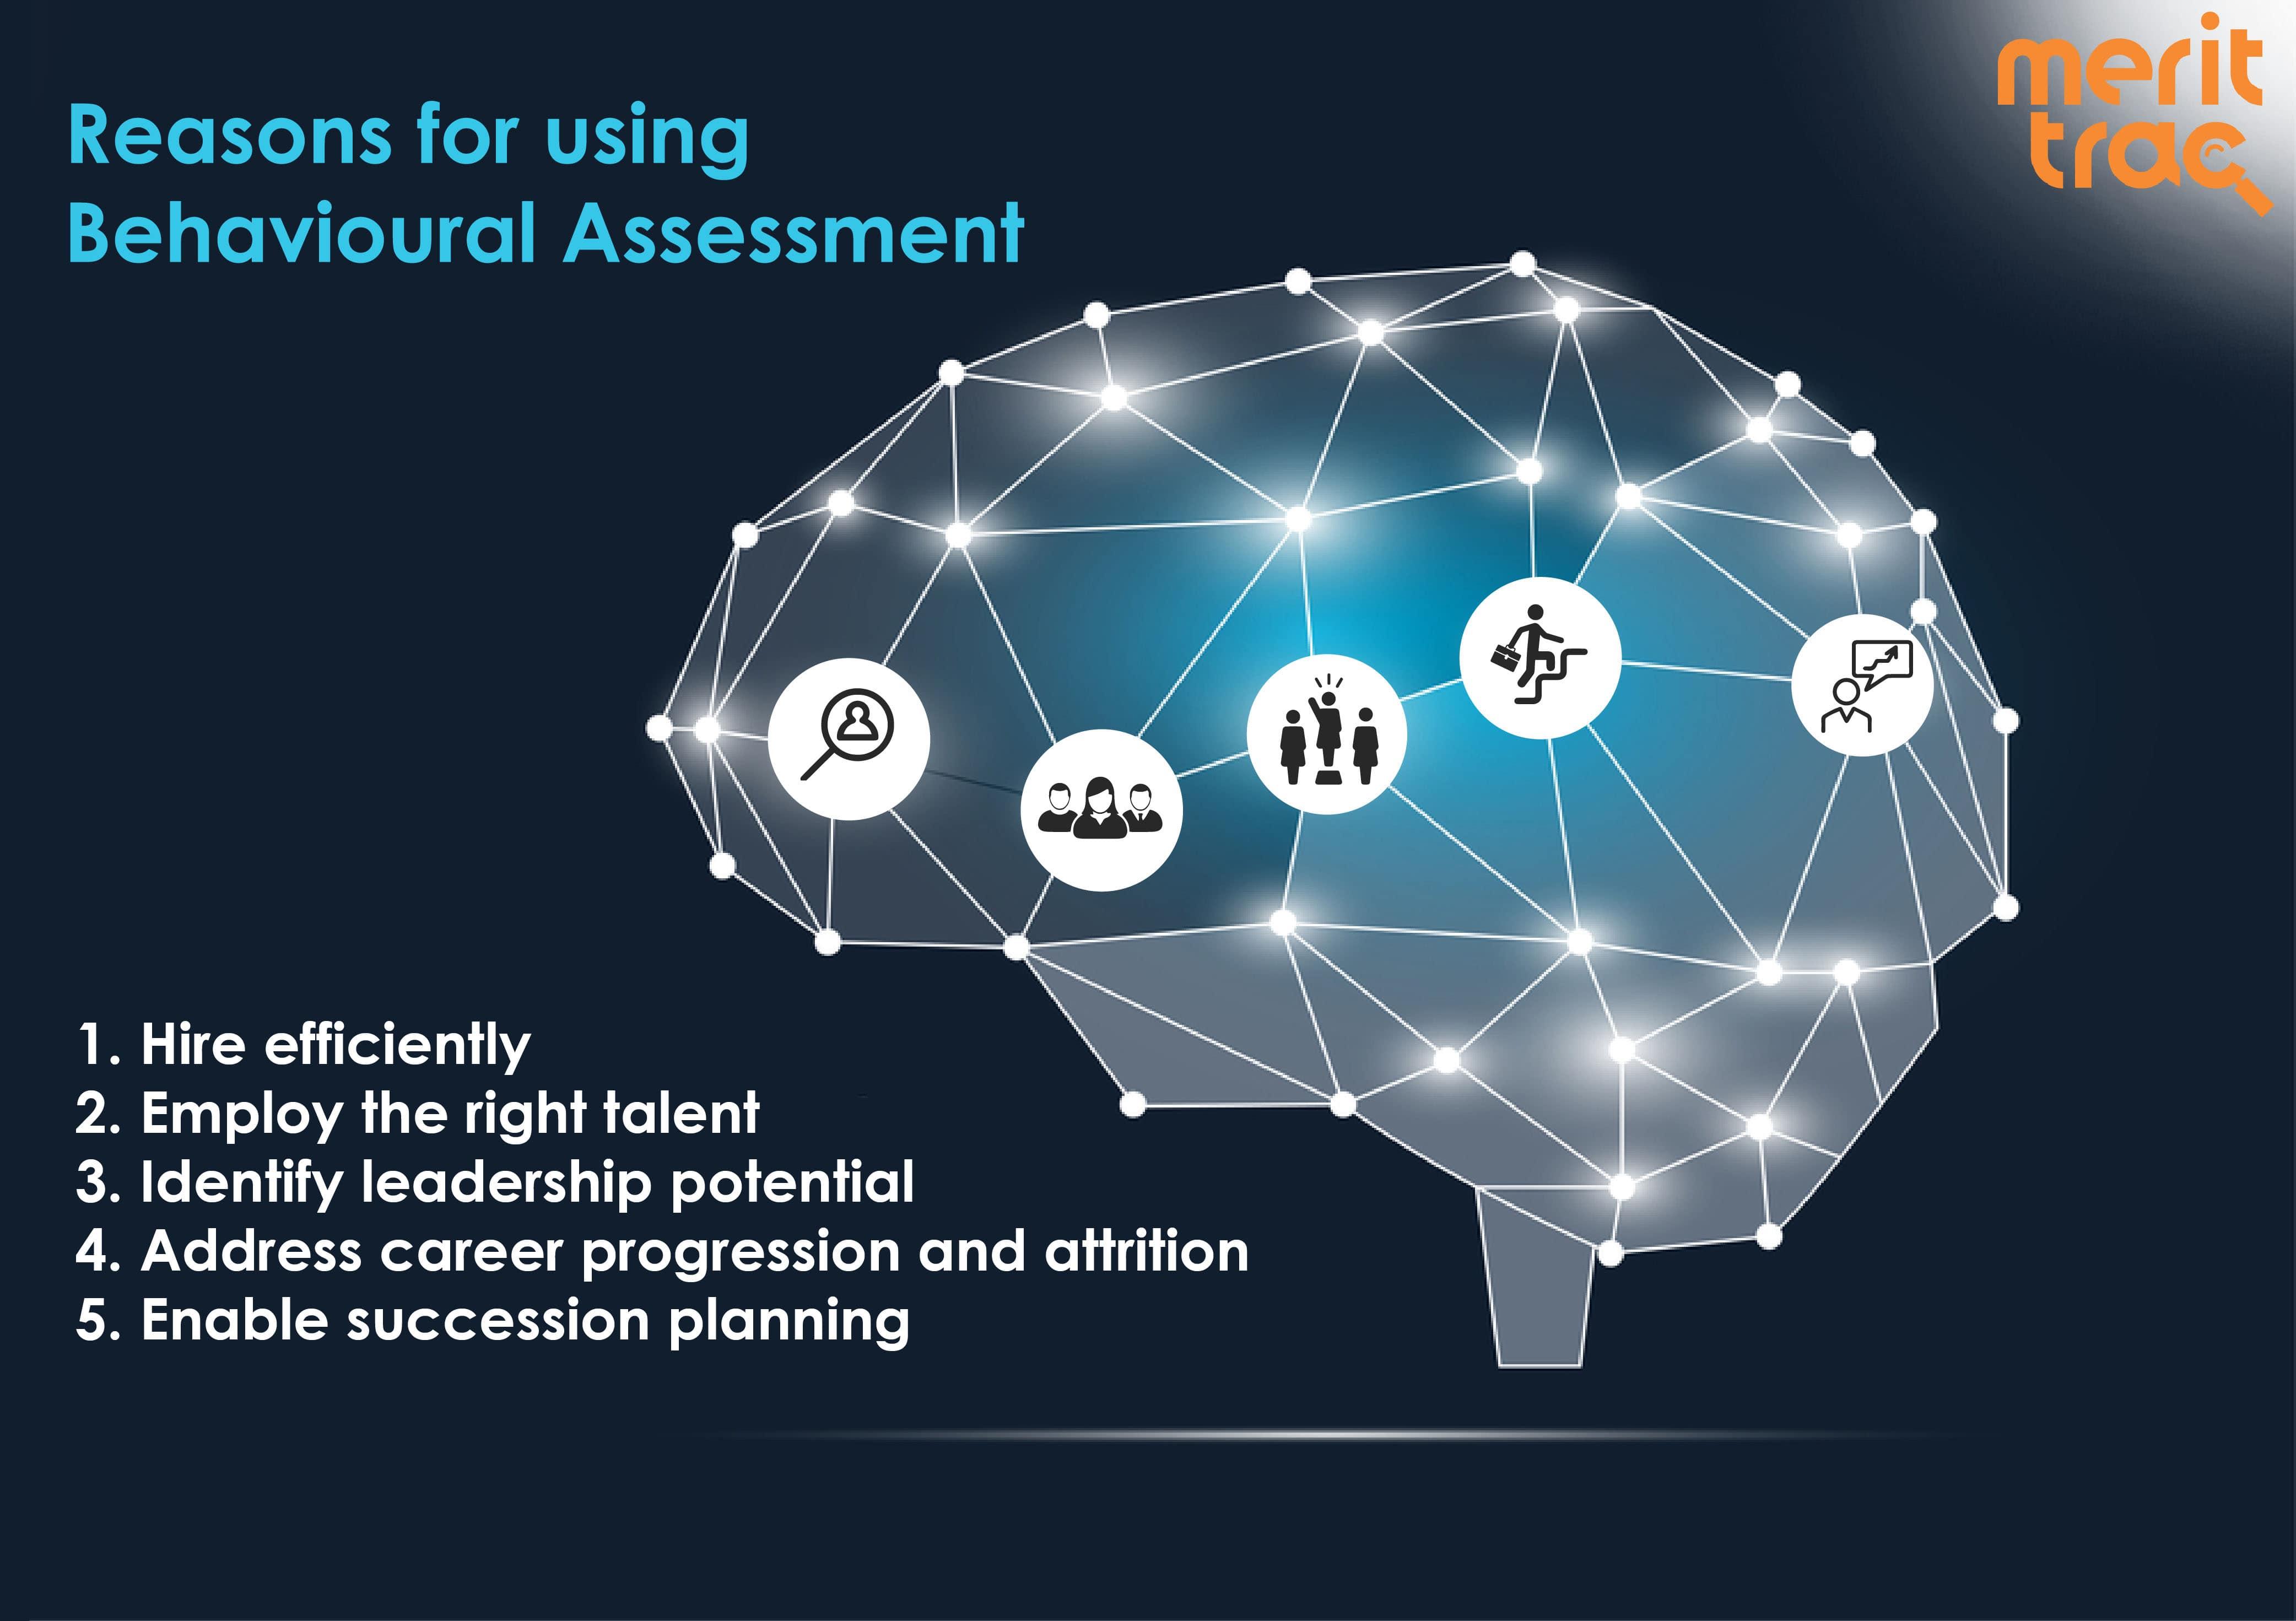 Reasons for using Behavioural Assessment